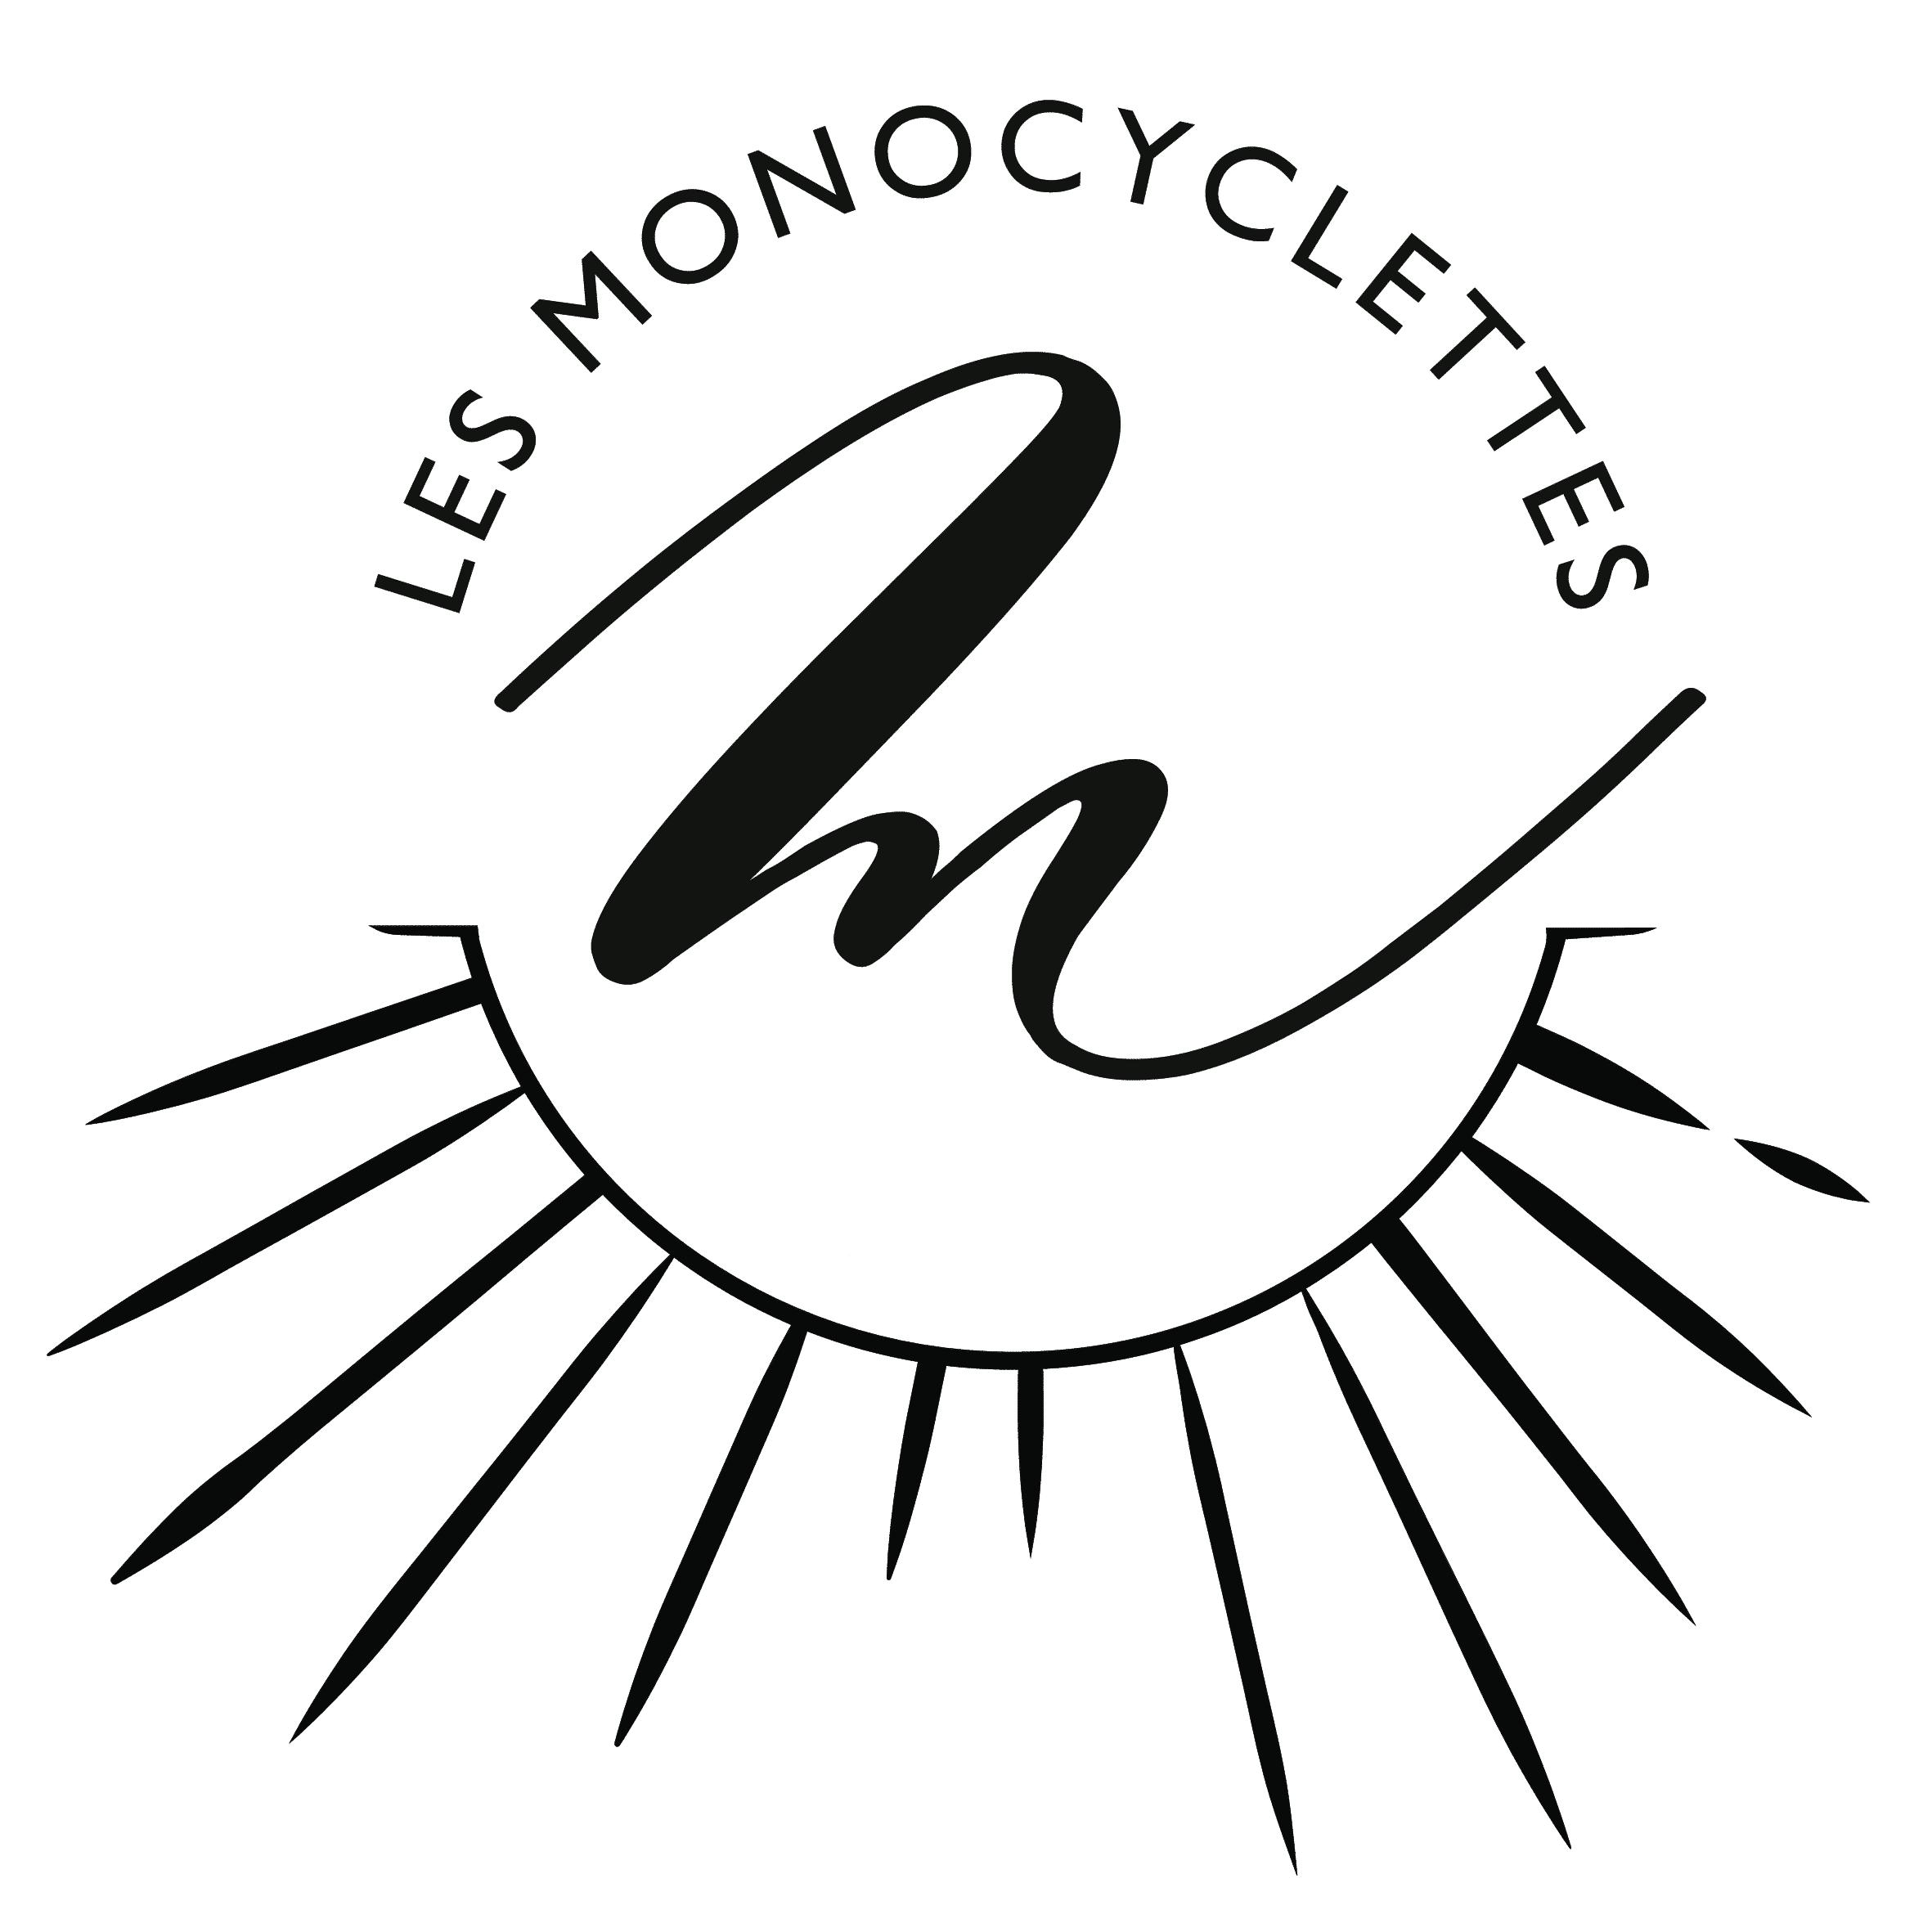 Les Monocyclettes vêtements asymétriques